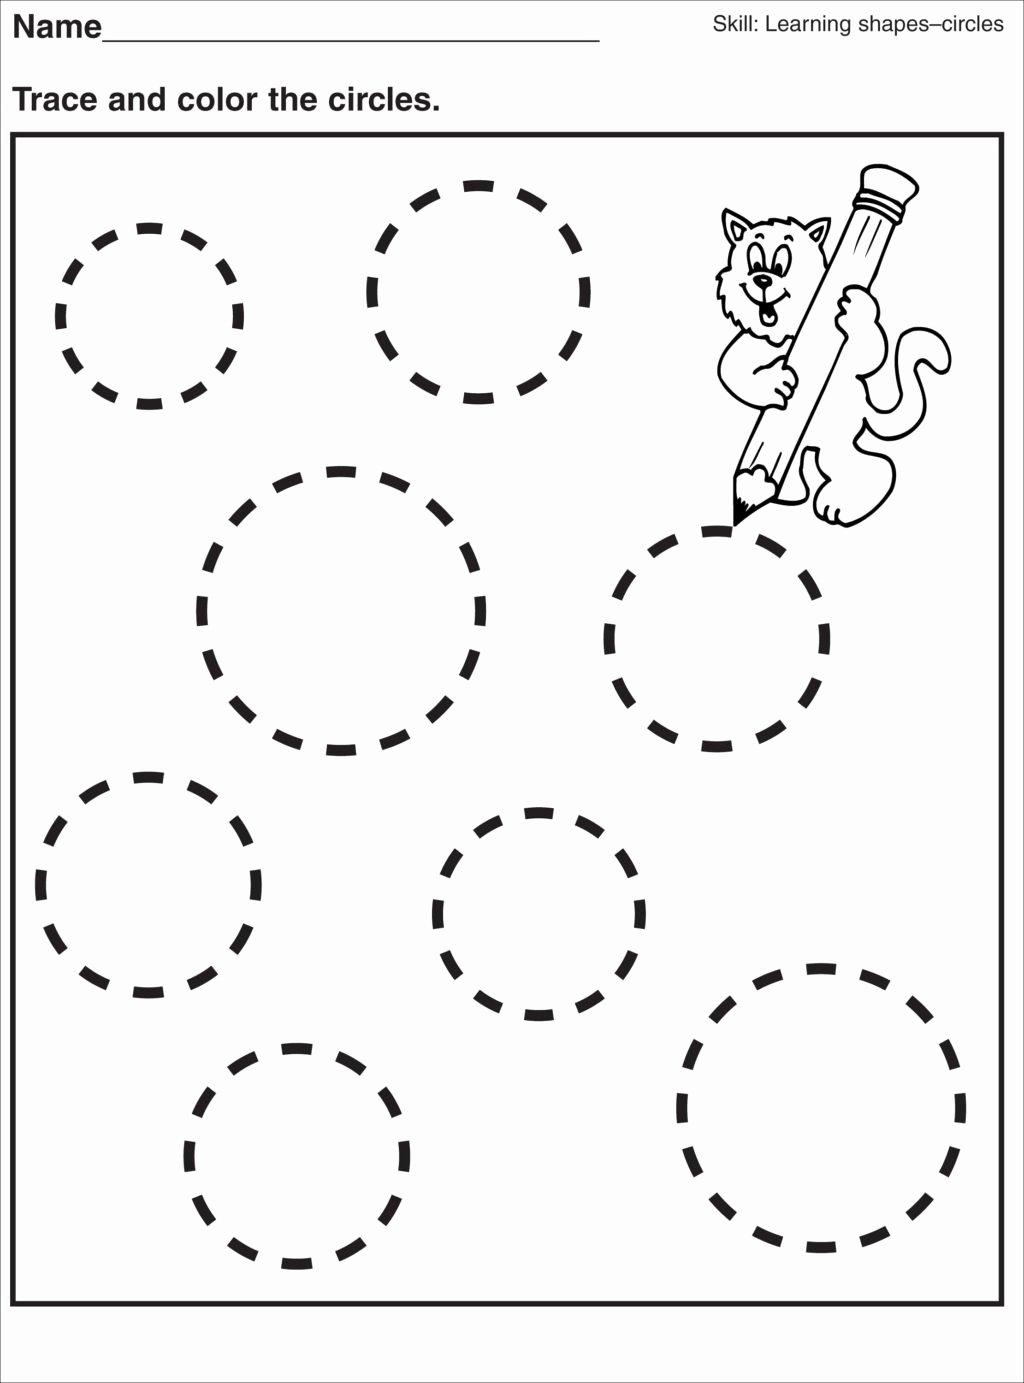 Shapes Worksheets for Preschoolers Inspirational Worksheet Tracing Pagesor Preschool Shapes Worksheet